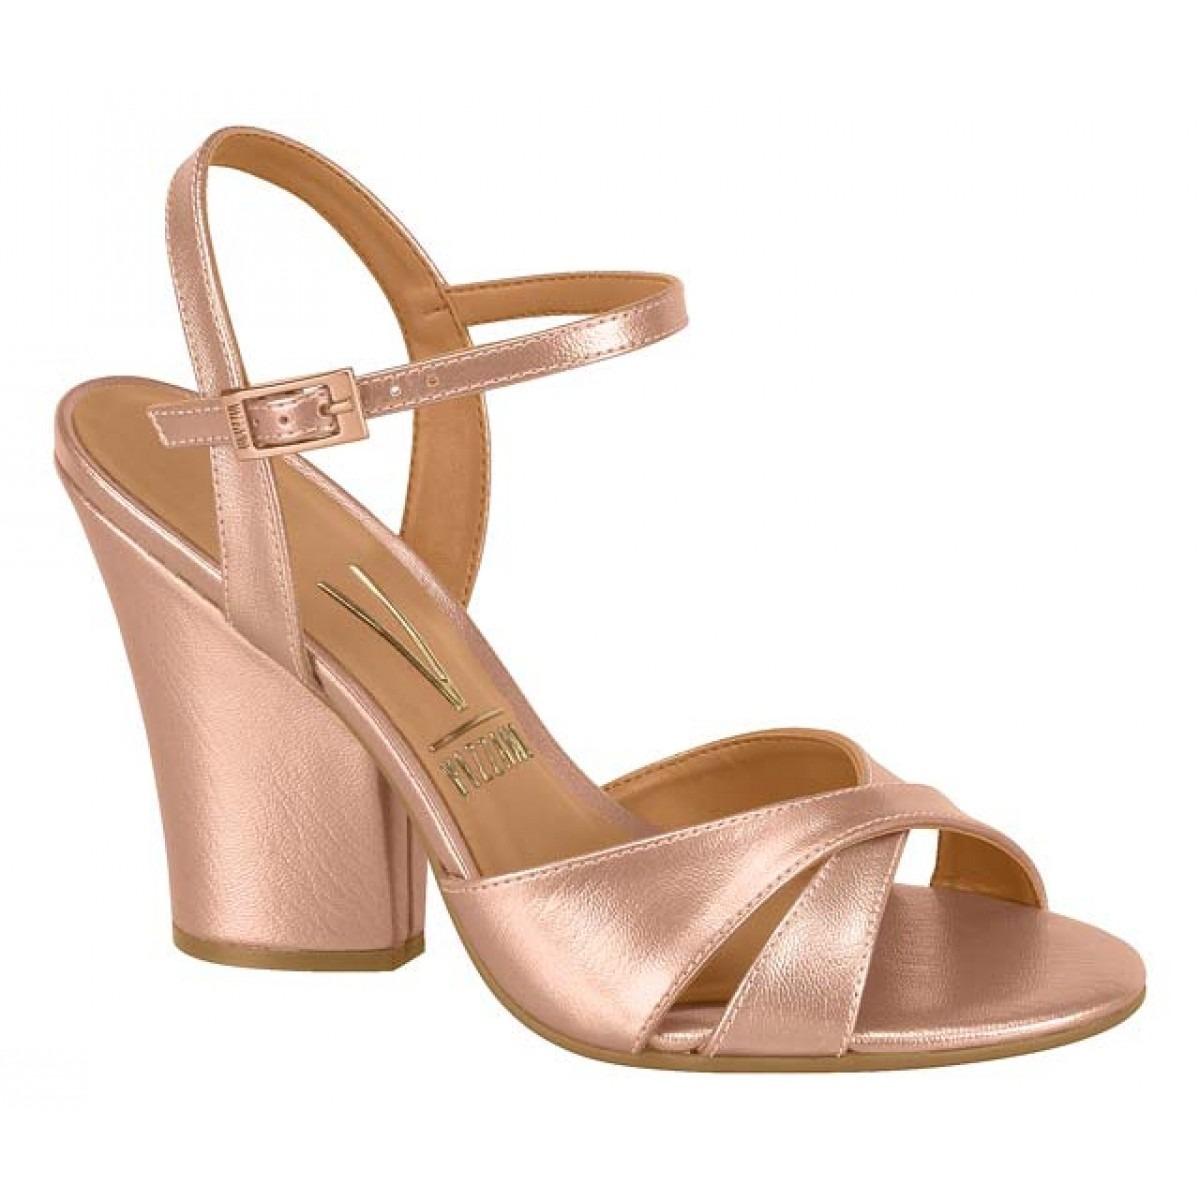 29b7e2232 sandália vizzano feminina de salto grosso rosa- frete grátis. Carregando  zoom.